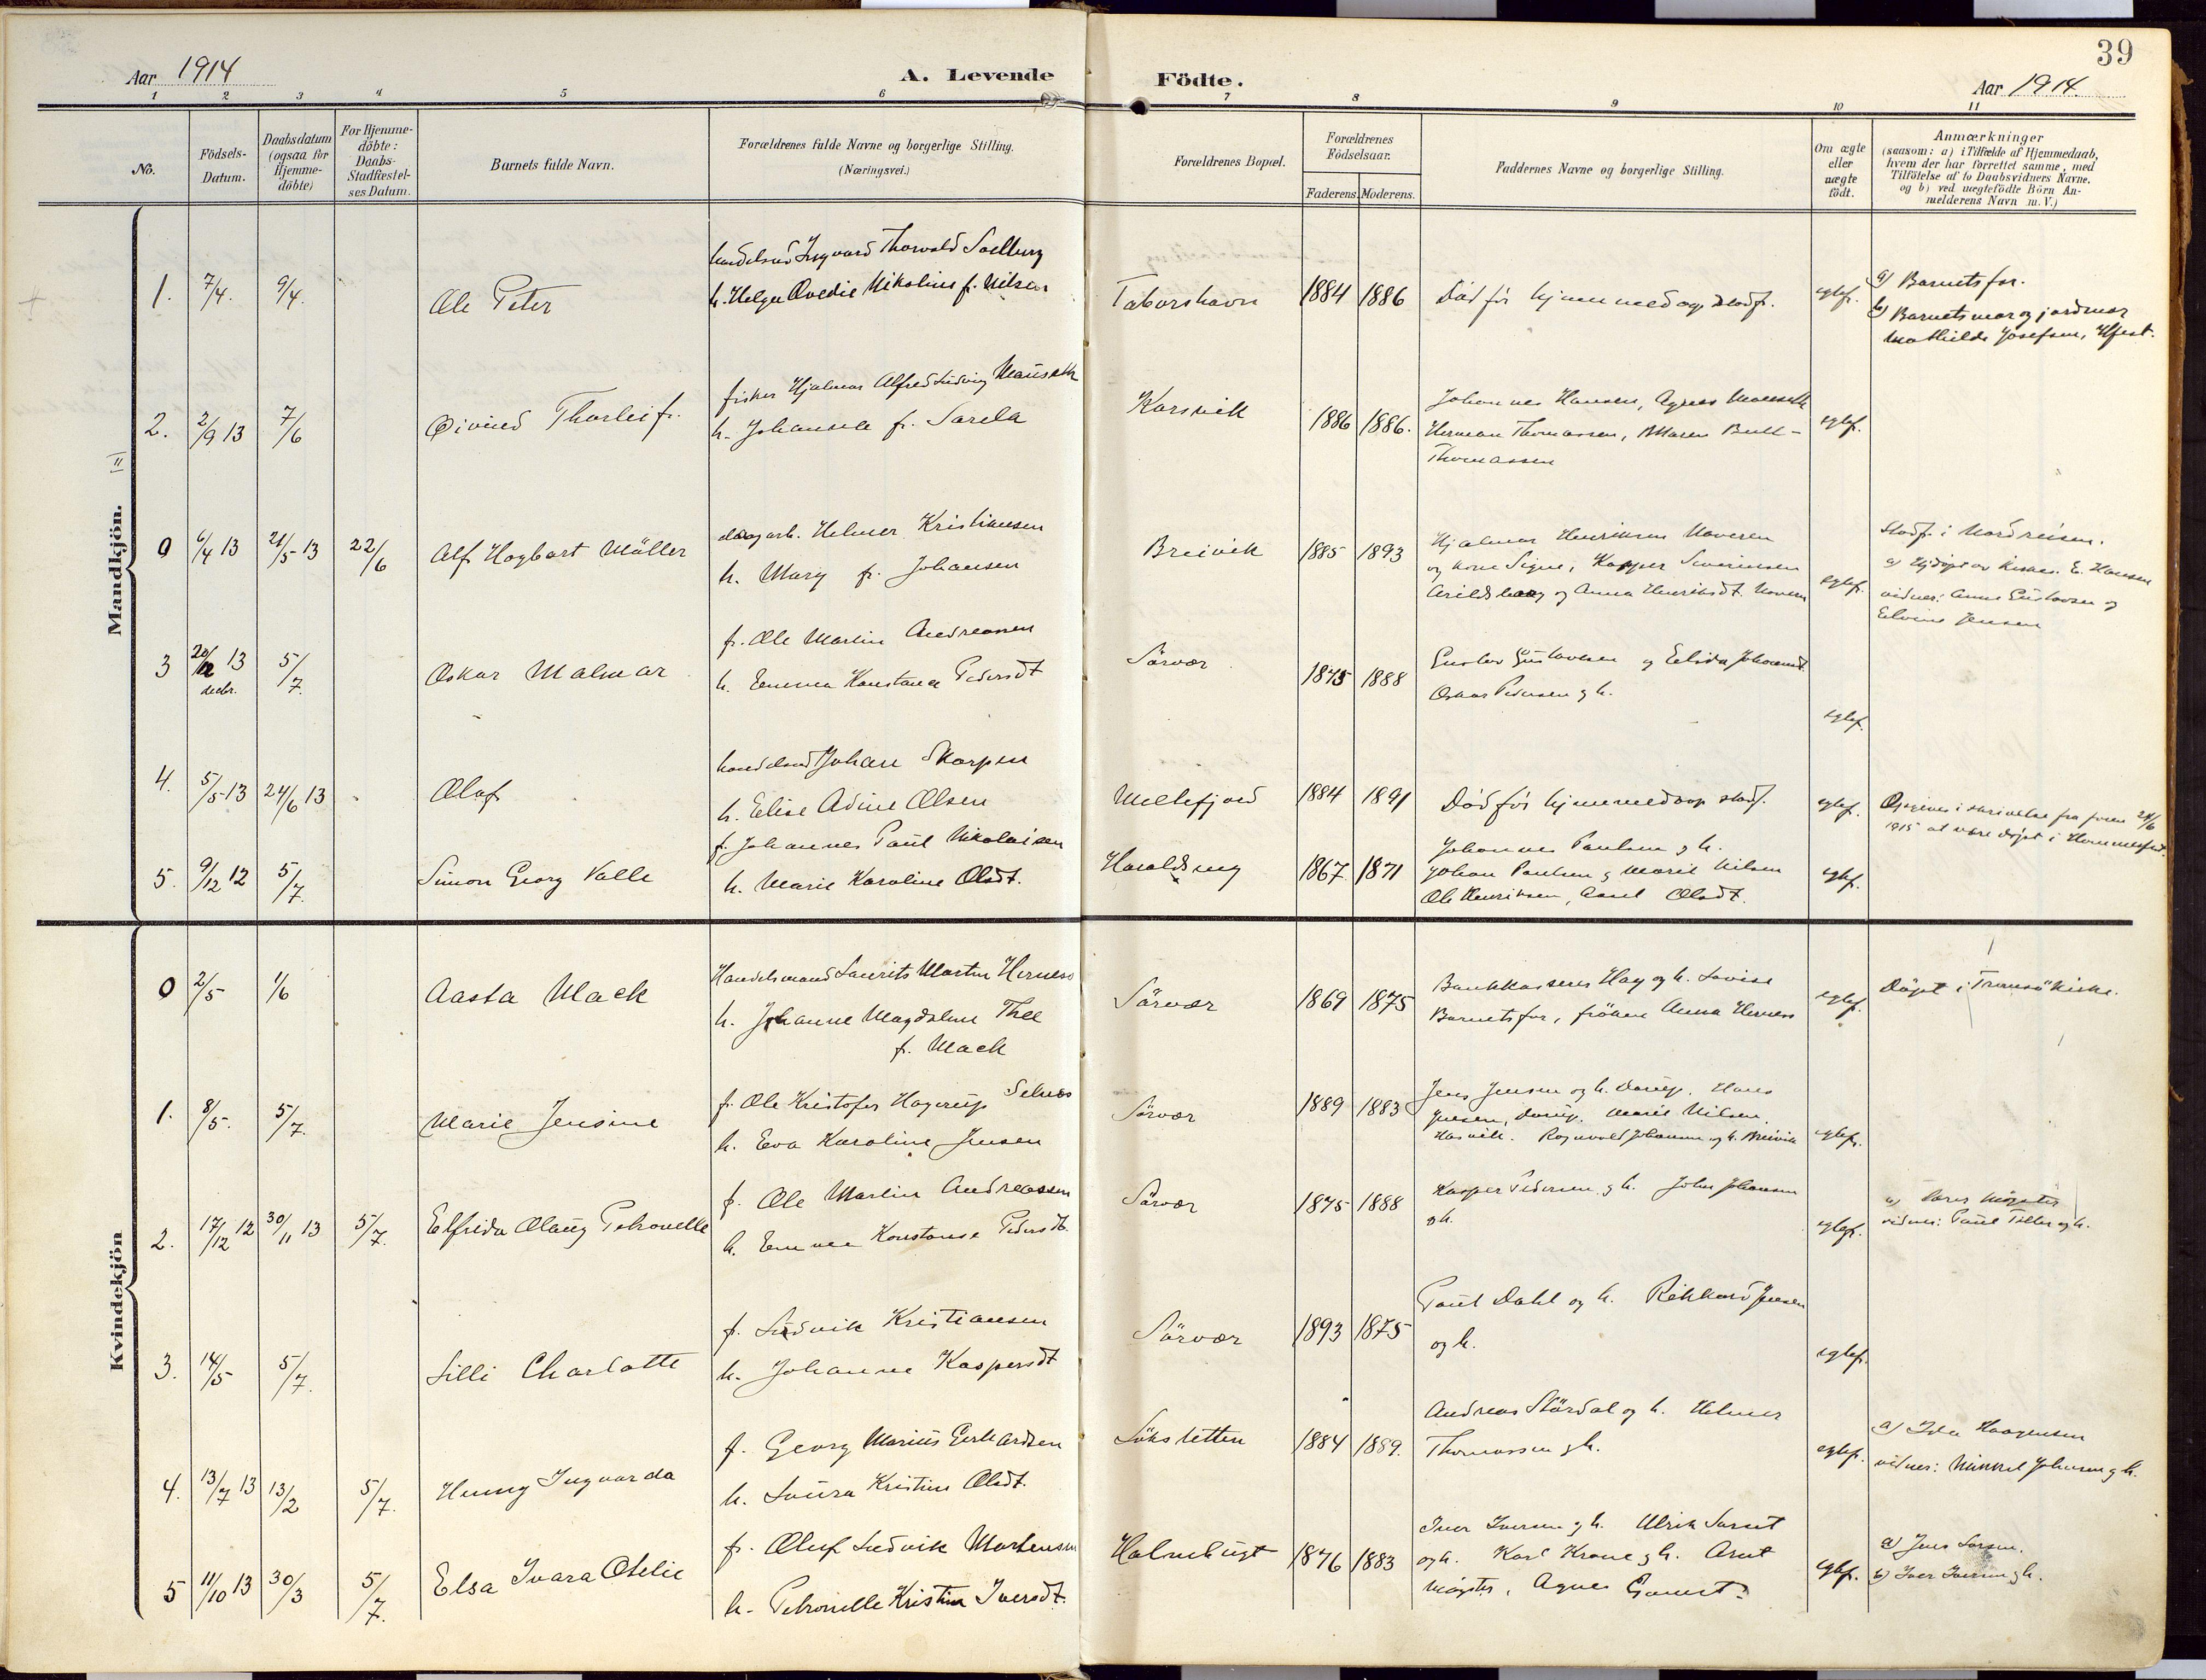 SATØ, Loppa sokneprestkontor, H/Ha/L0010kirke: Ministerialbok nr. 10, 1907-1922, s. 39